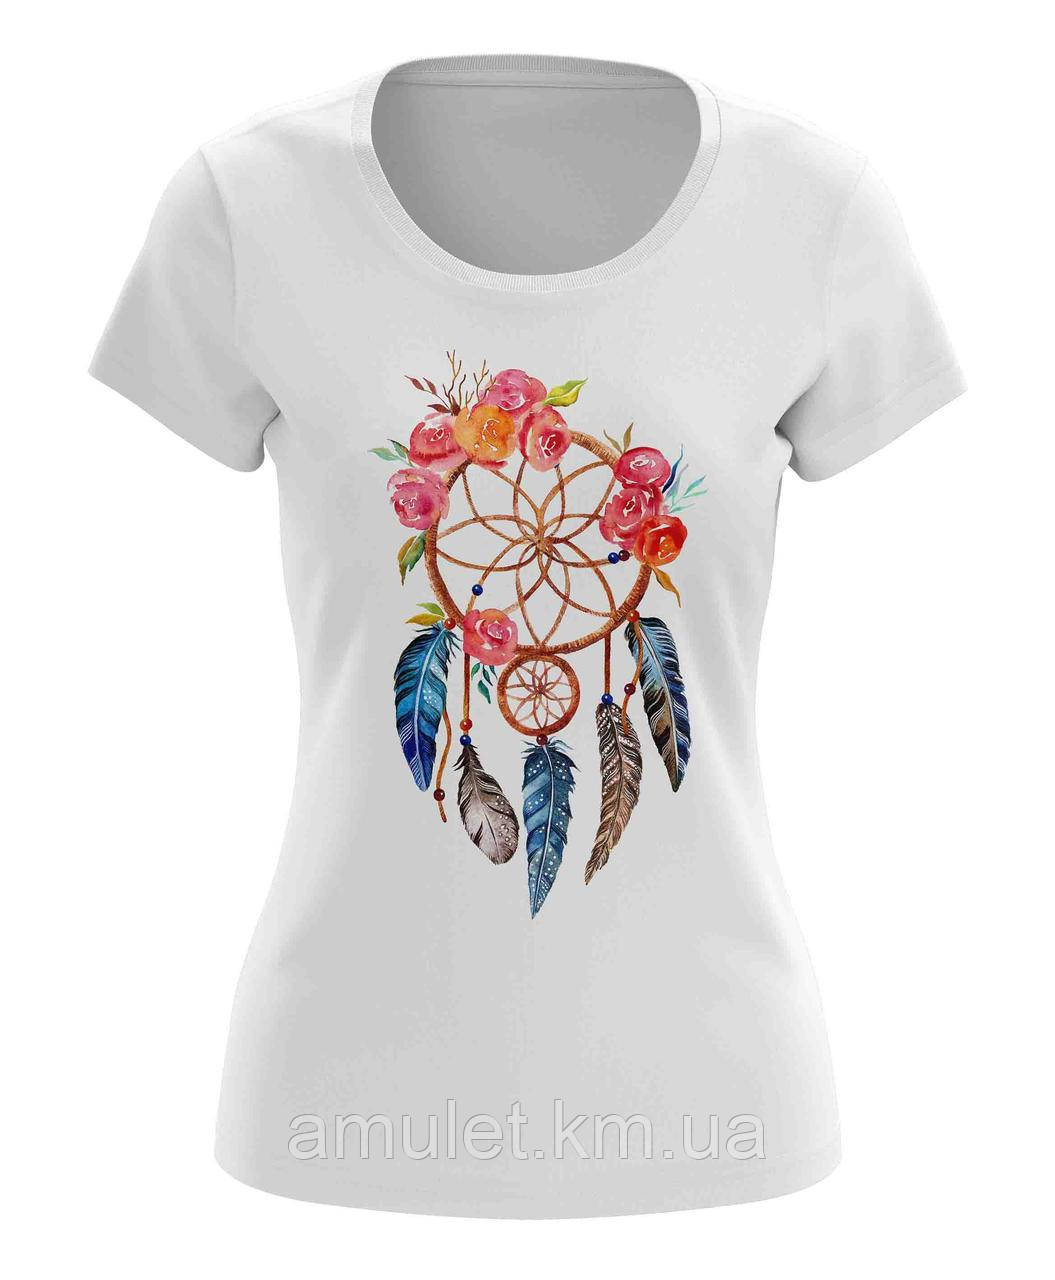 """Модная женская футболка """"Ловец снов"""""""